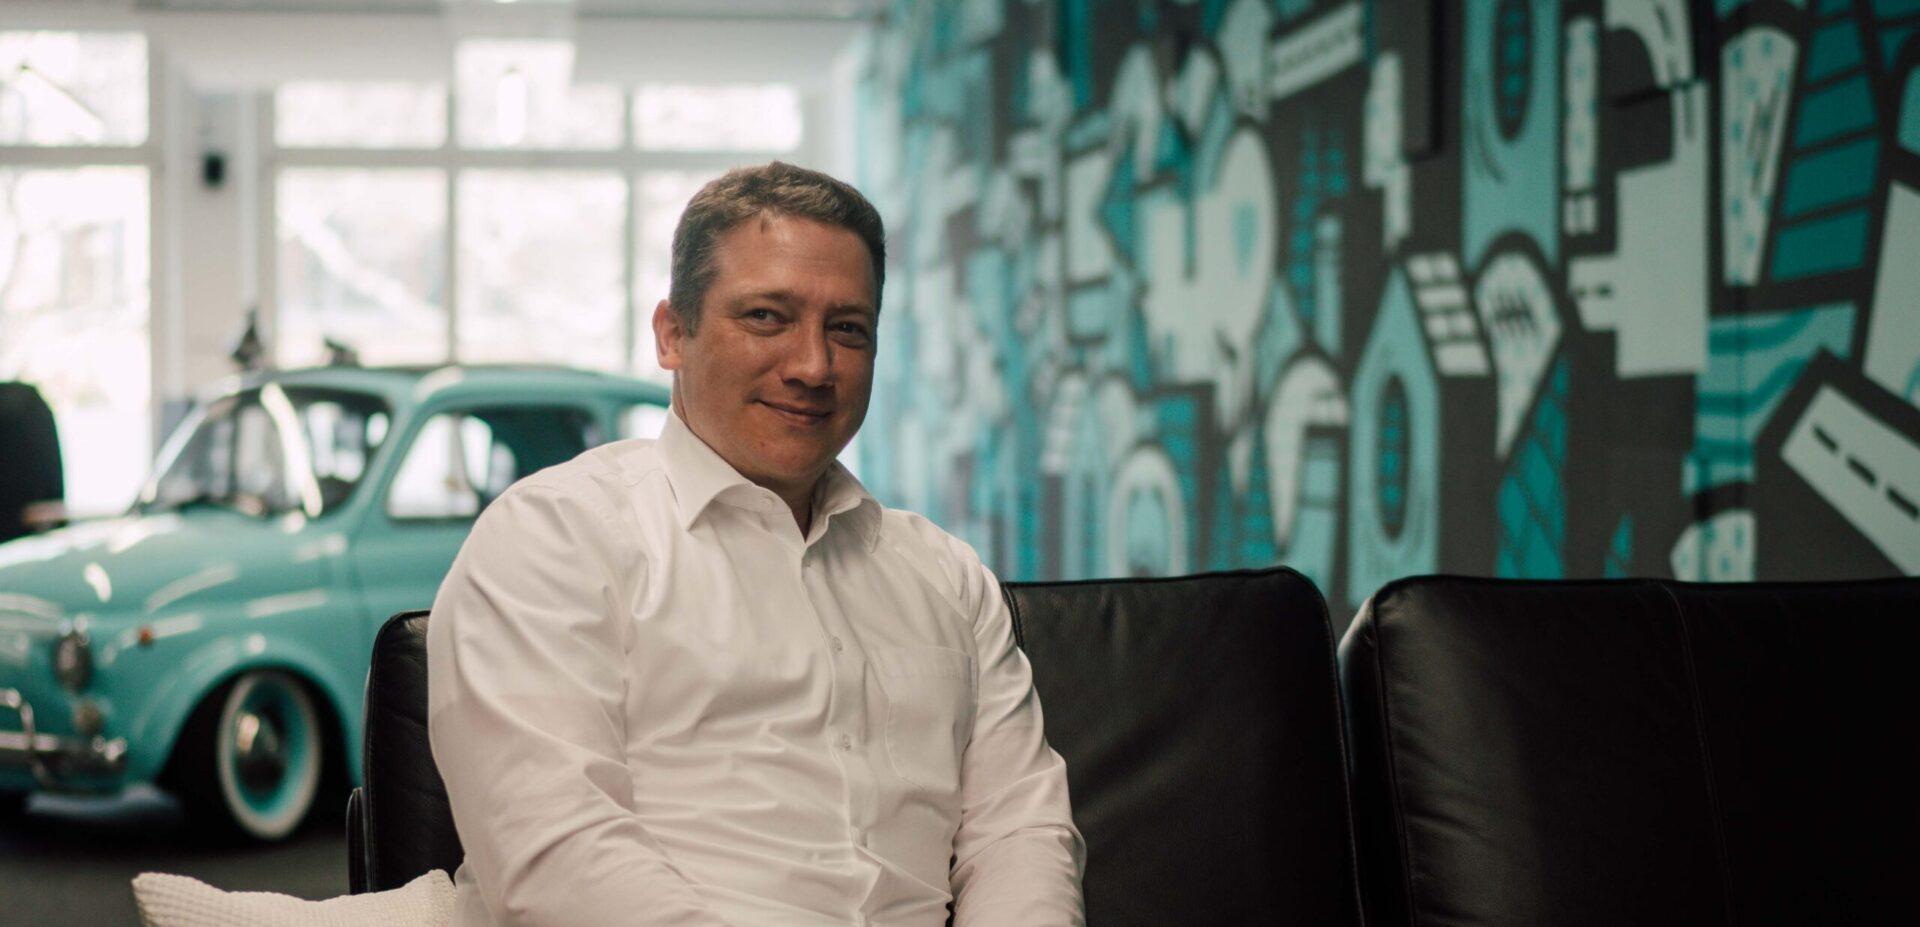 Dieter Fassbender ist der neue Director Digital von ads&figures.